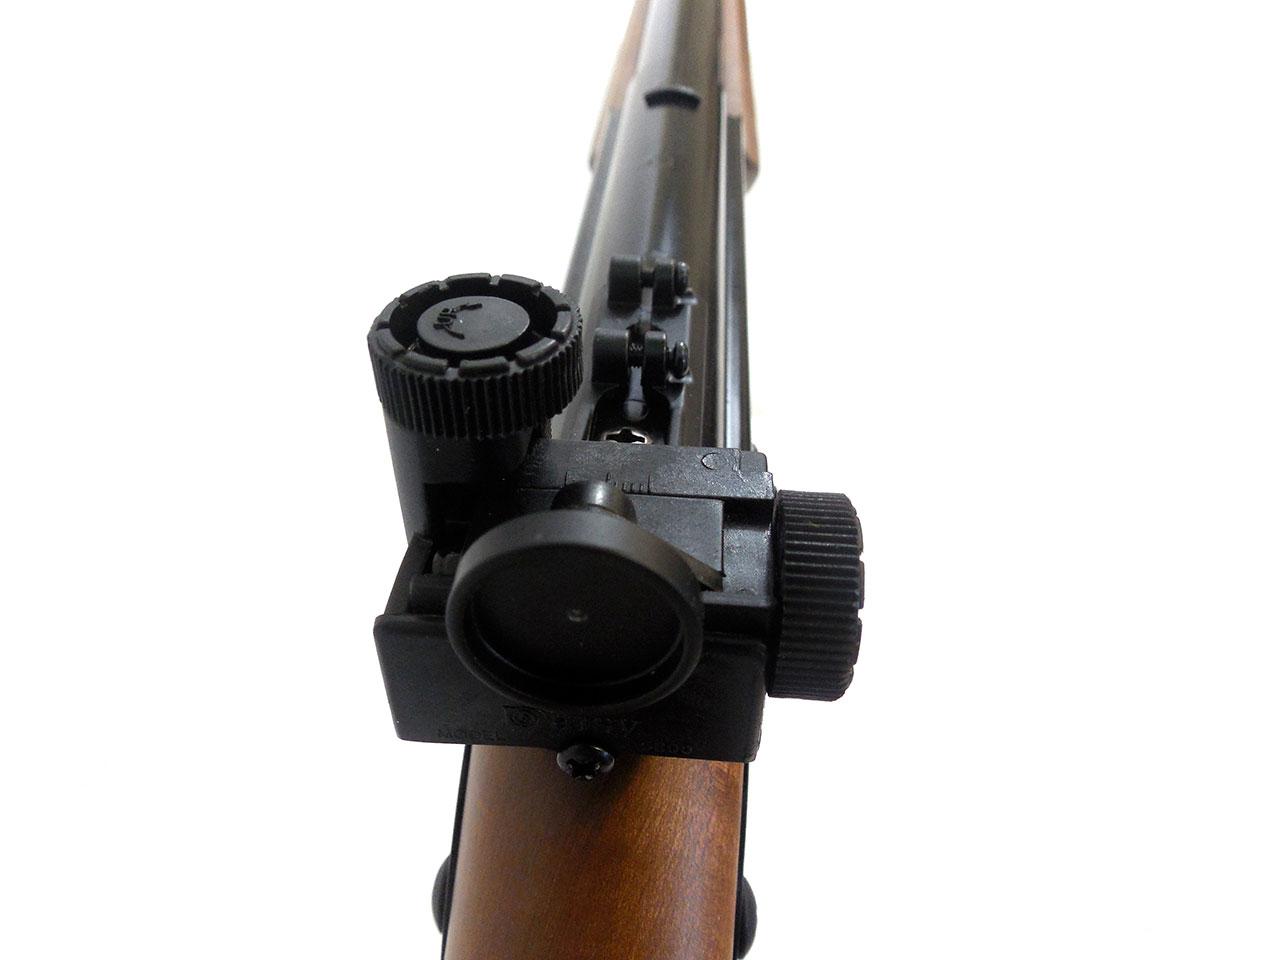 Daisy AVANTI 499B (New / Open Box) | SKU 7233 - Baker Airguns